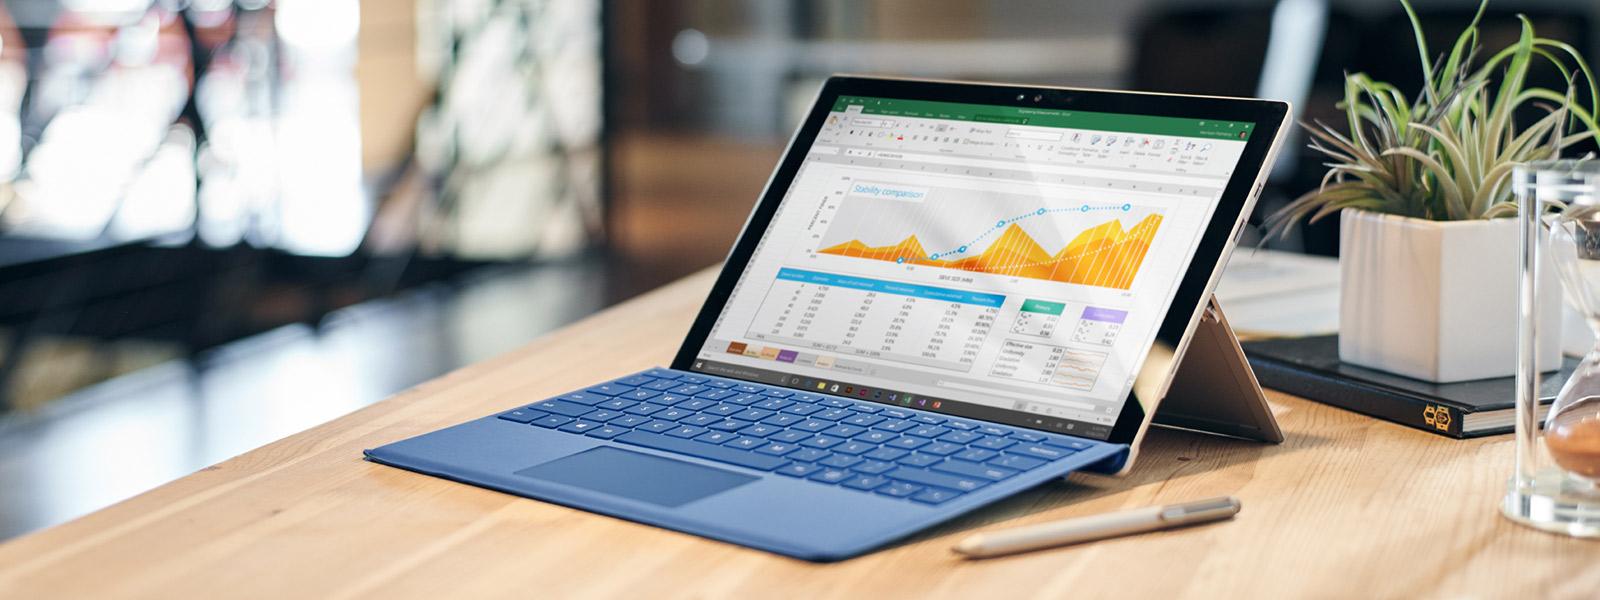 Surface Pro 4 sobre uma mesa.